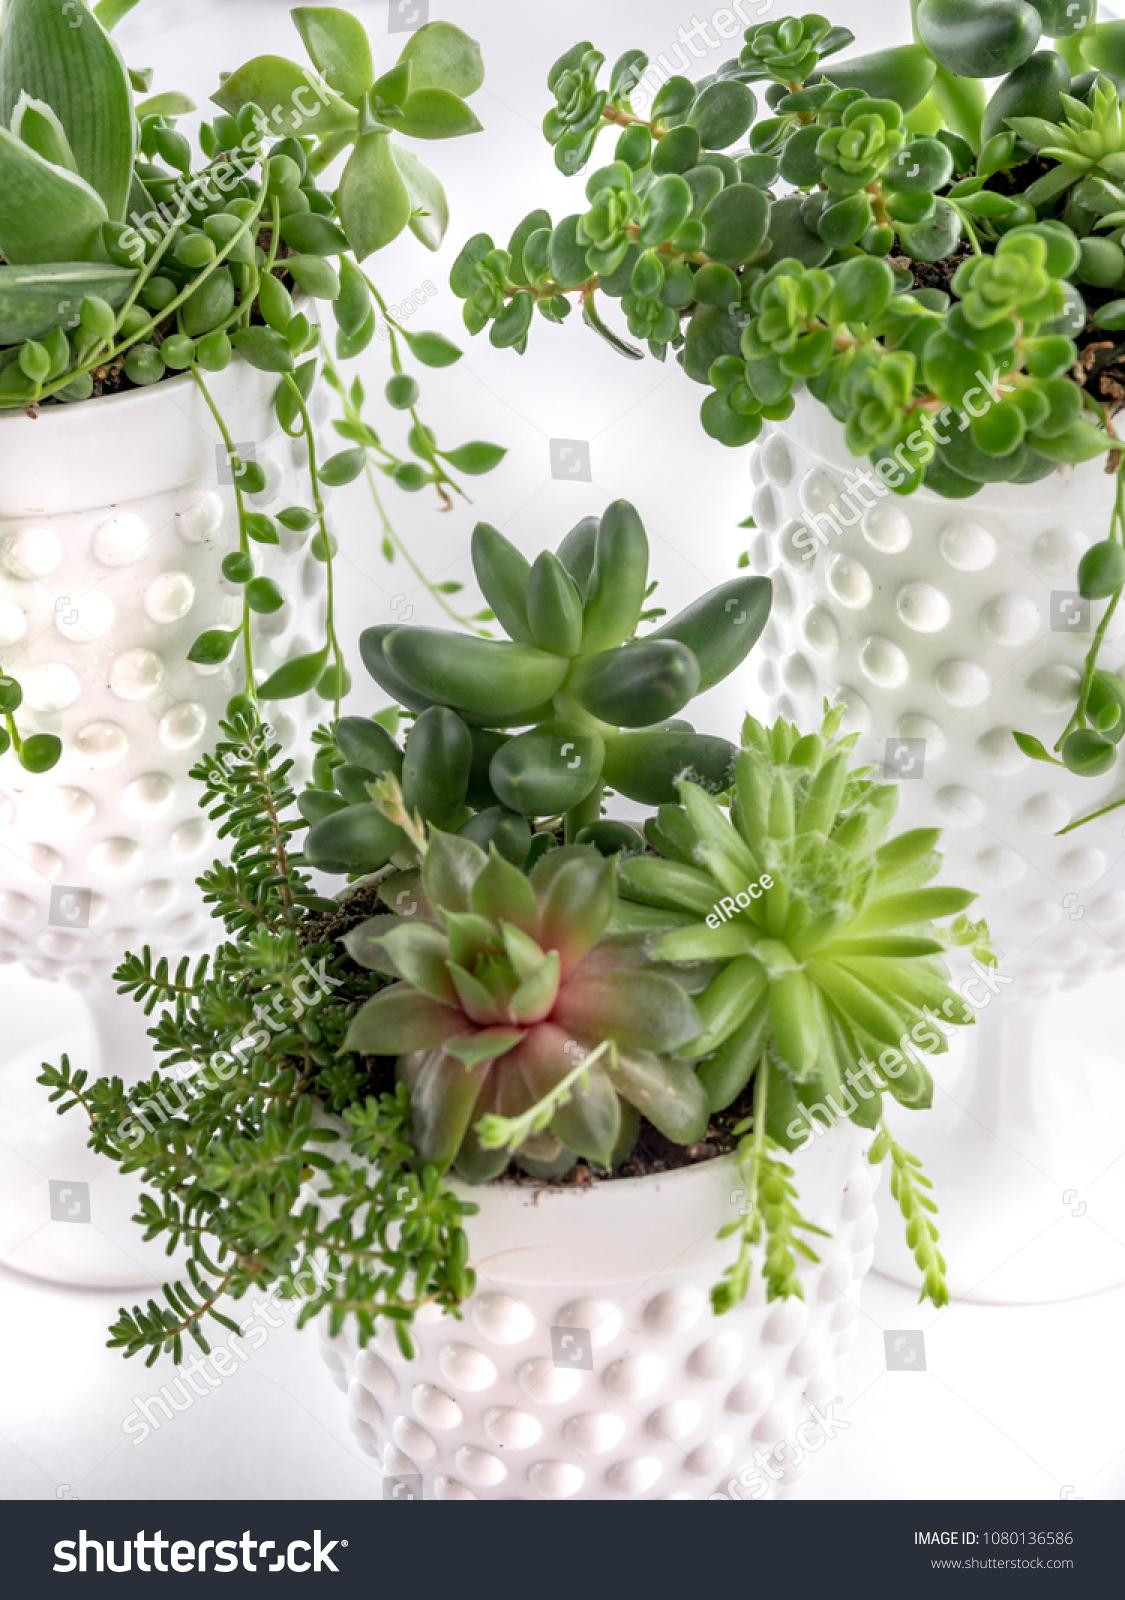 Composition Rare Succulent Plants Pachyphytum Compactum Stock Photo Edit Now 1080136586